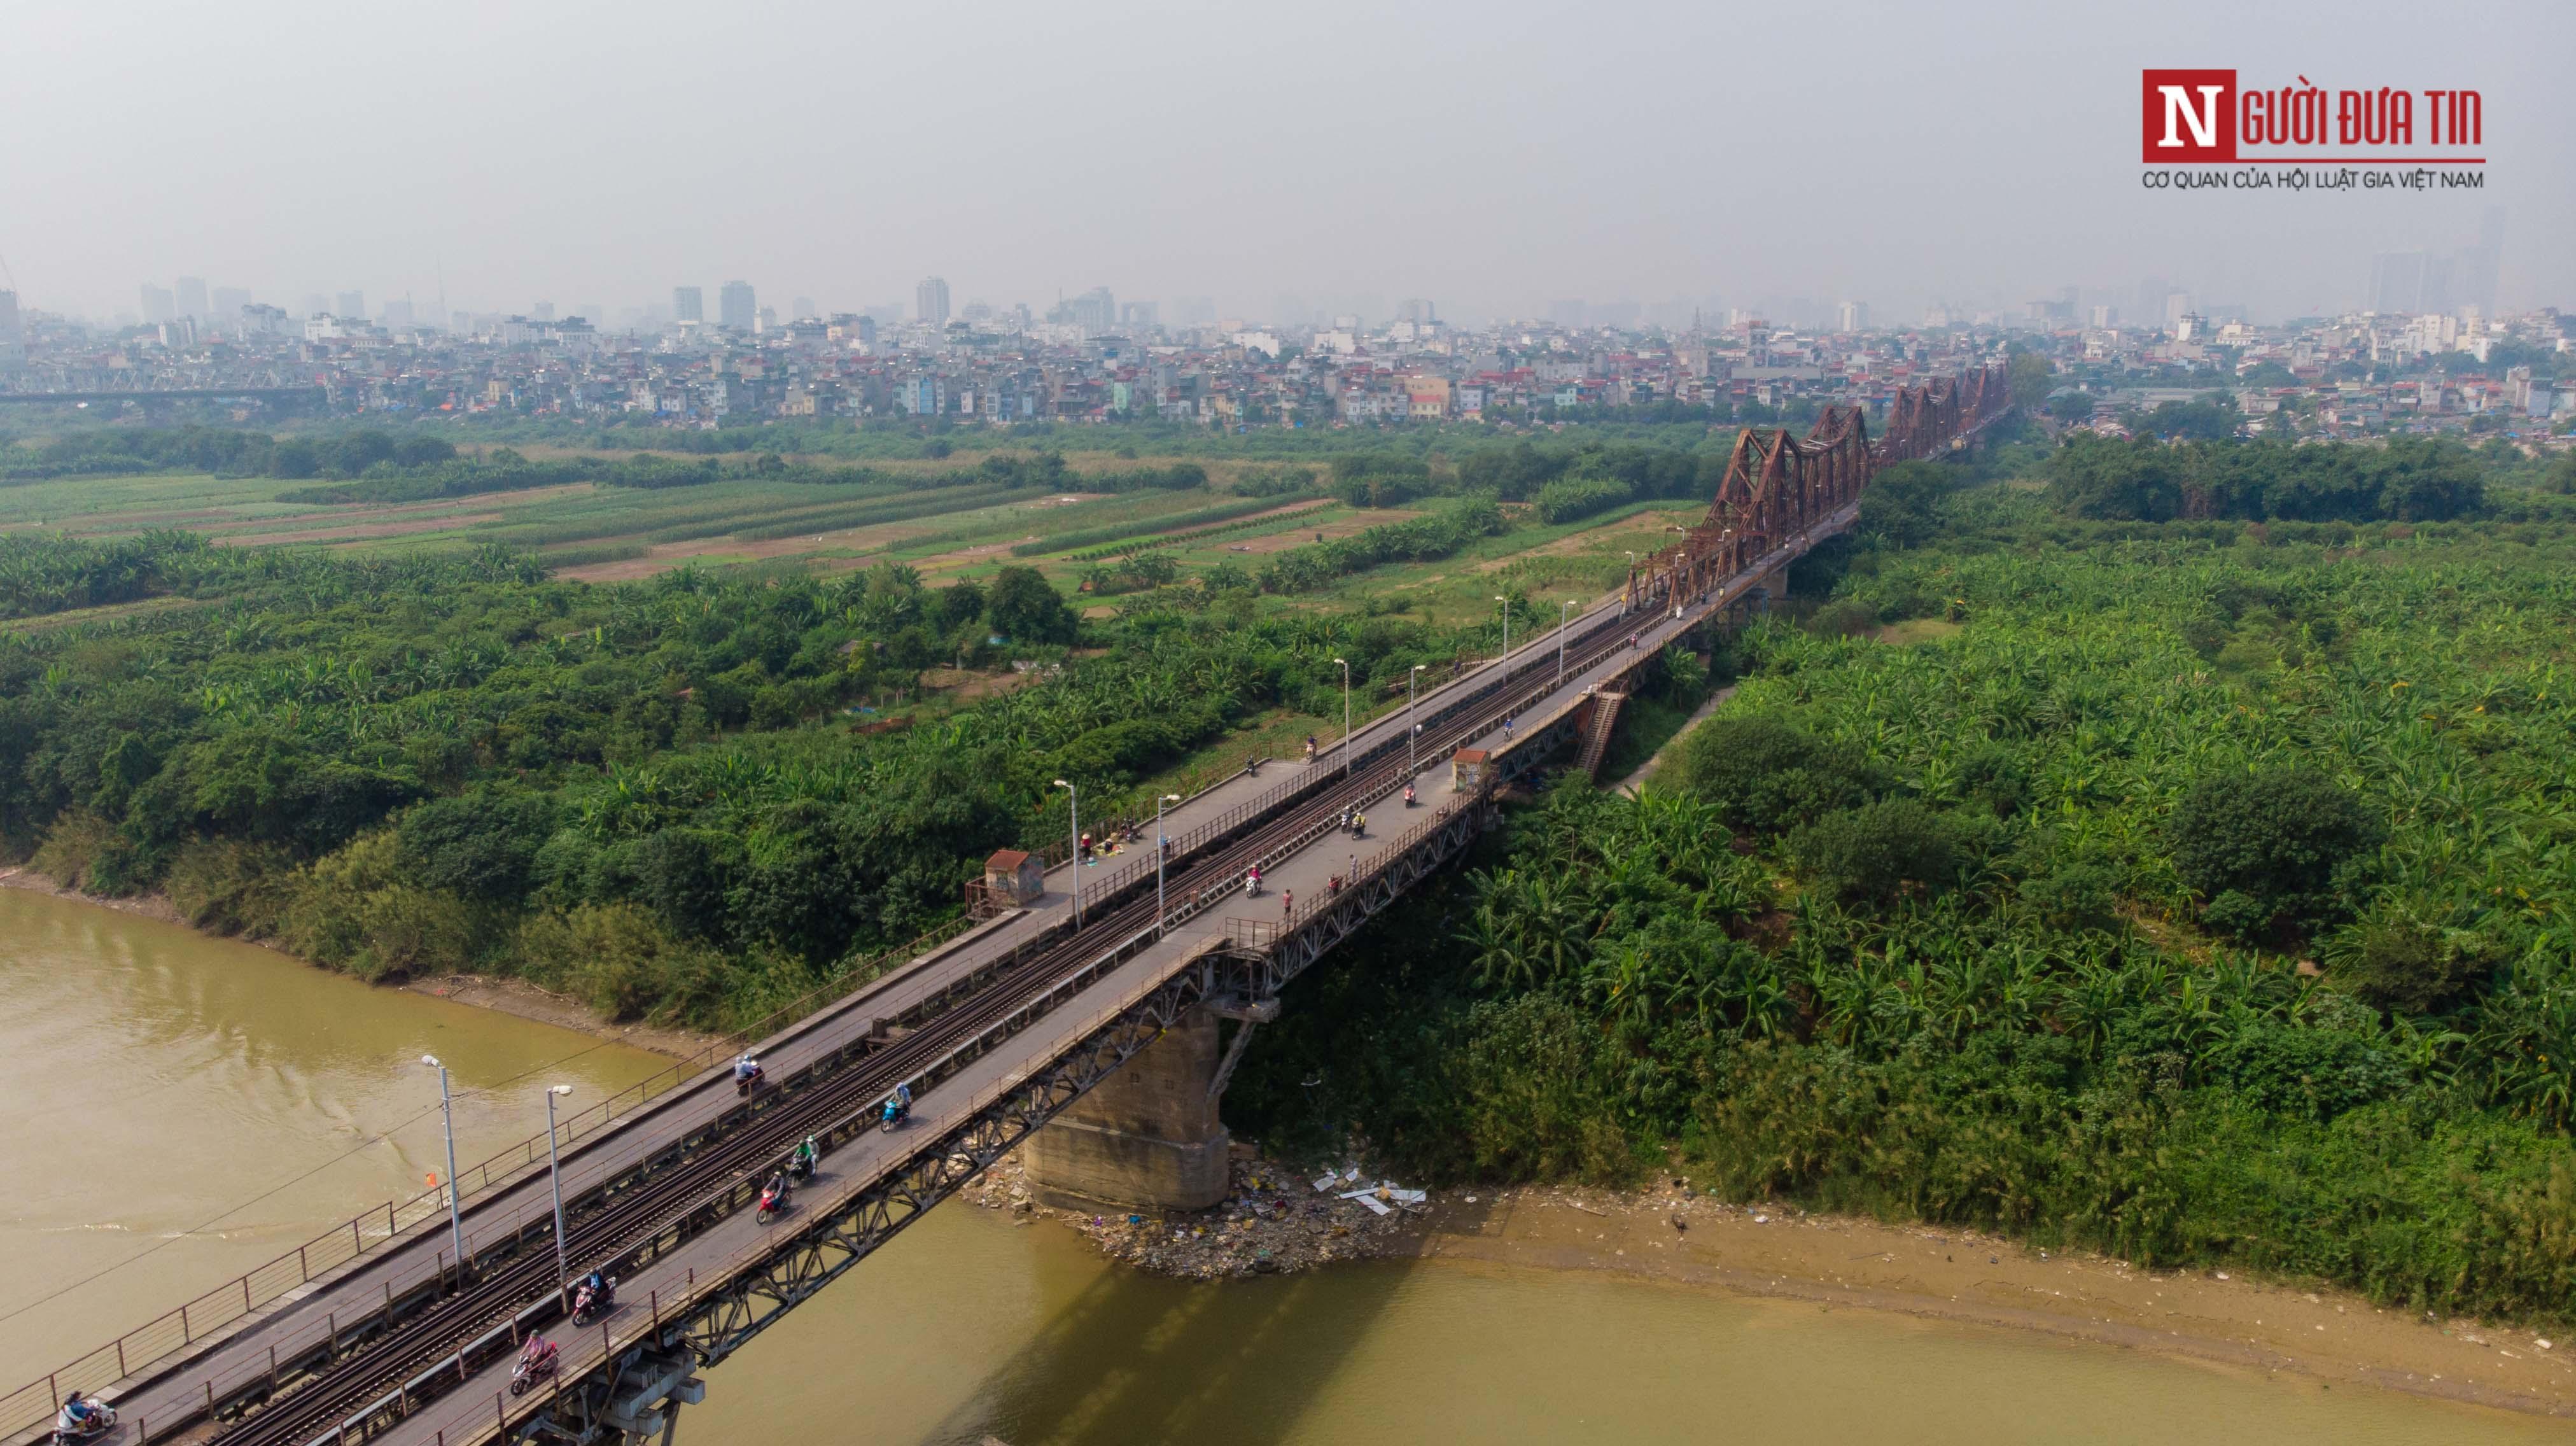 Tin nhanh - Chiêm ngưỡng 6 cây cầu bắc qua sông Hồng nối trung tâm Hà Nội (Hình 2).